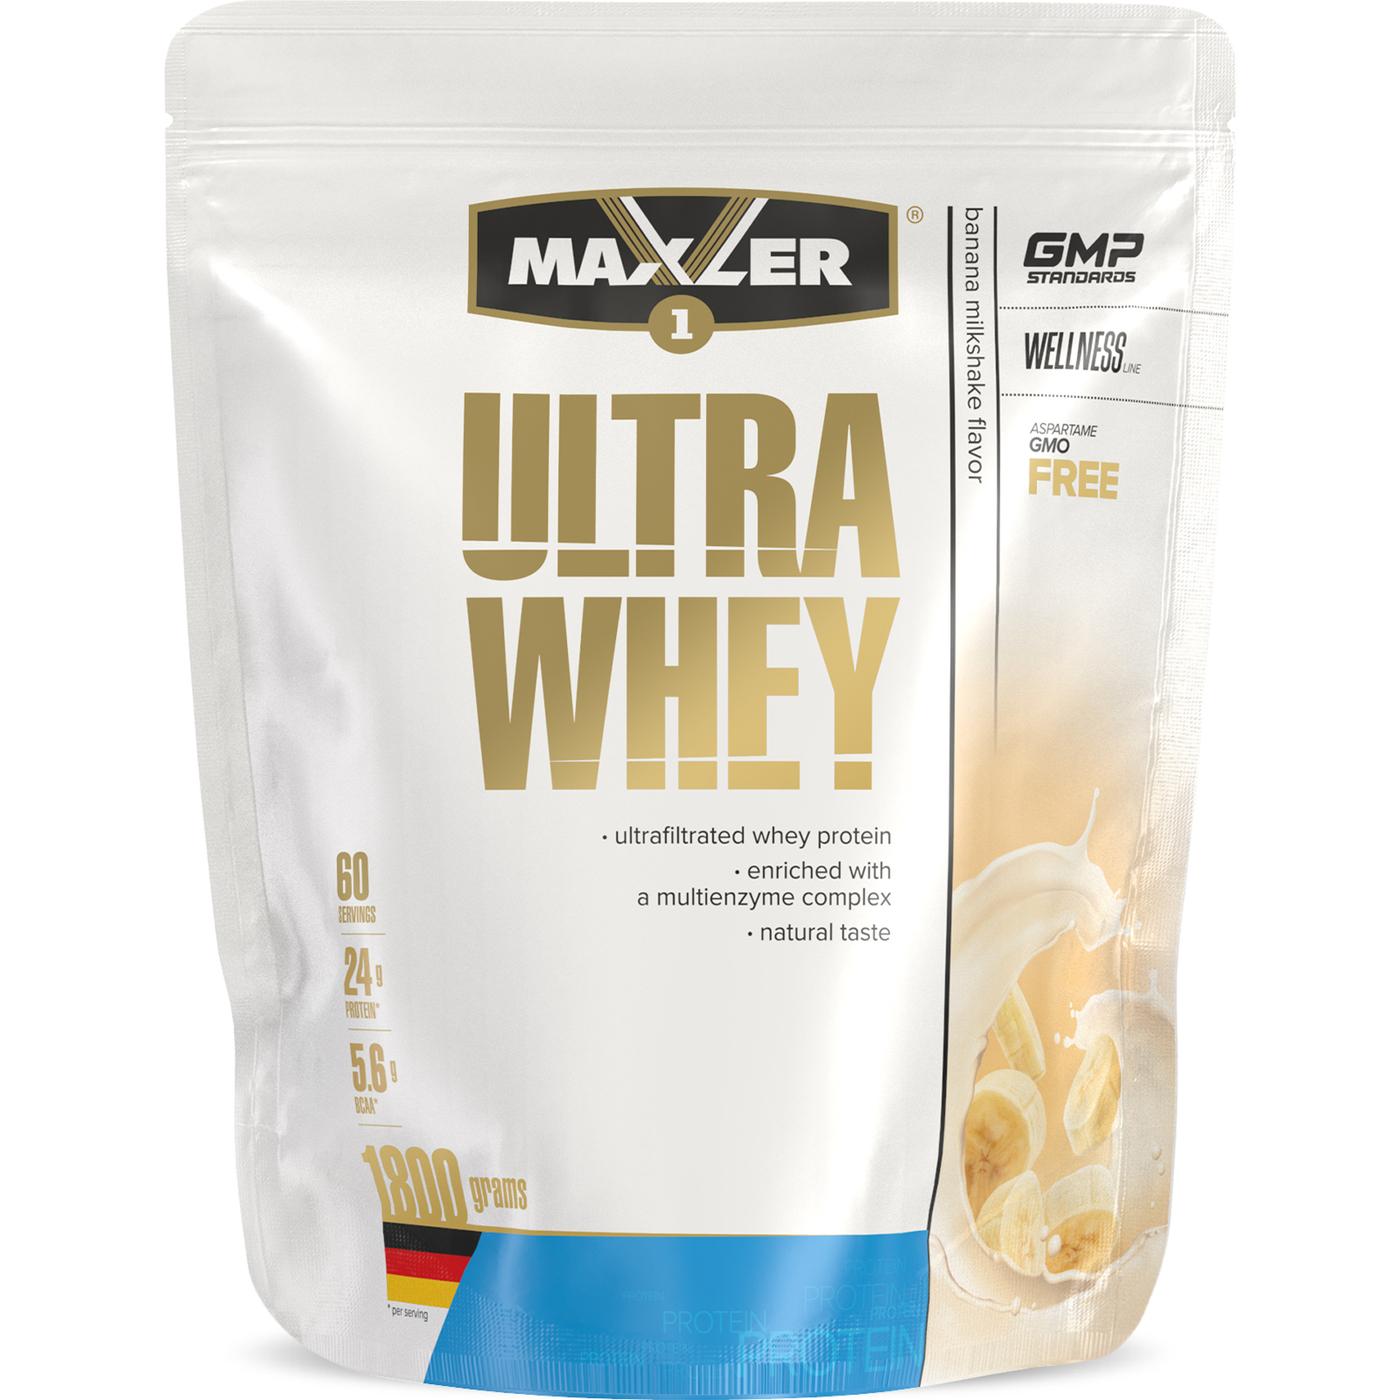 Протеин сывороточный Maxler Ultra Whey 1800 гр. - Банановый молочный коктейль